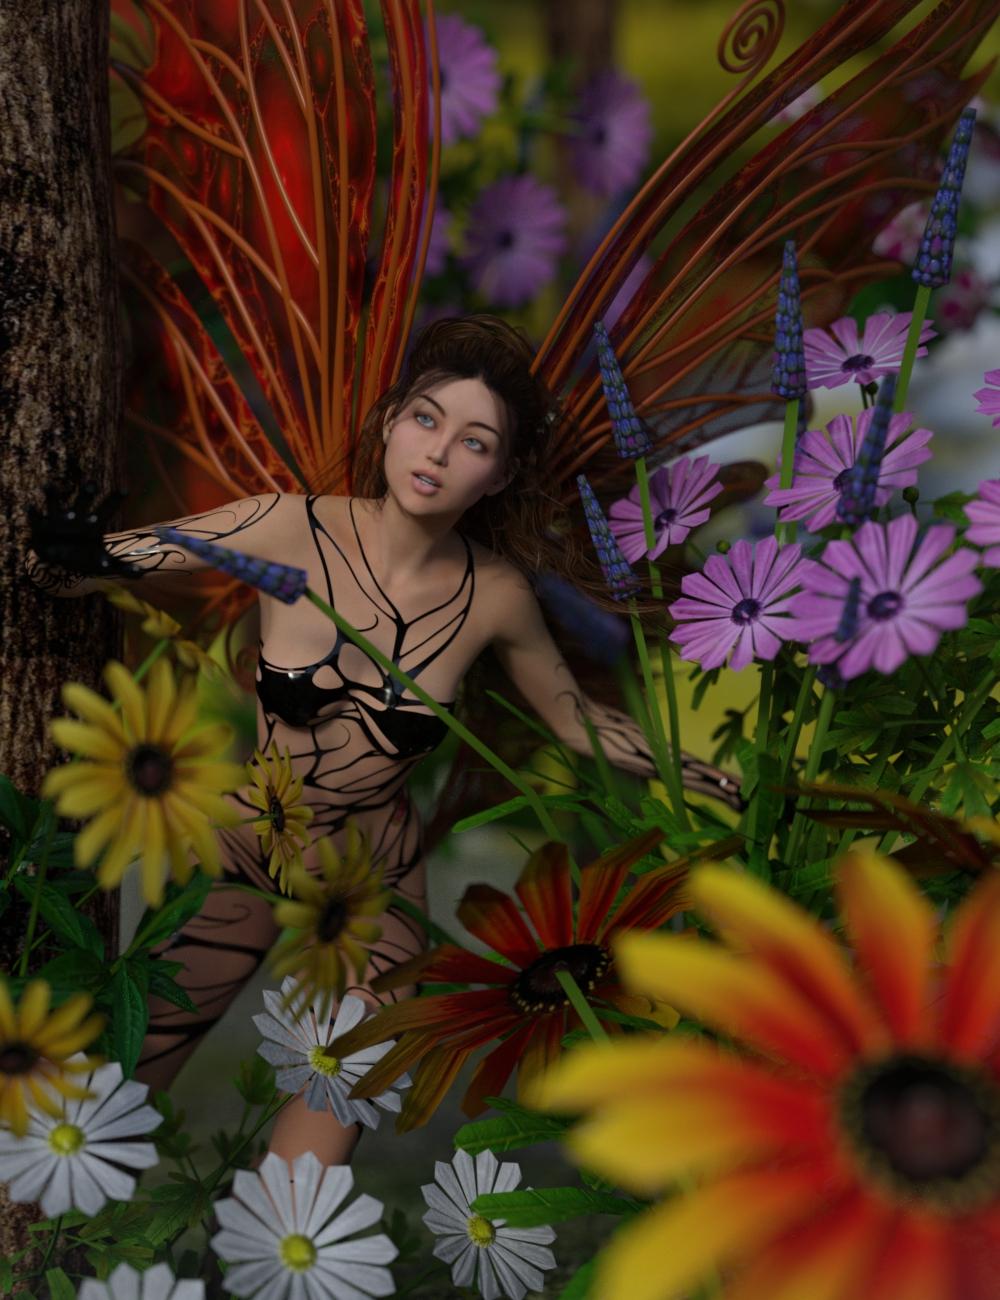 Flower Chylde.jpg